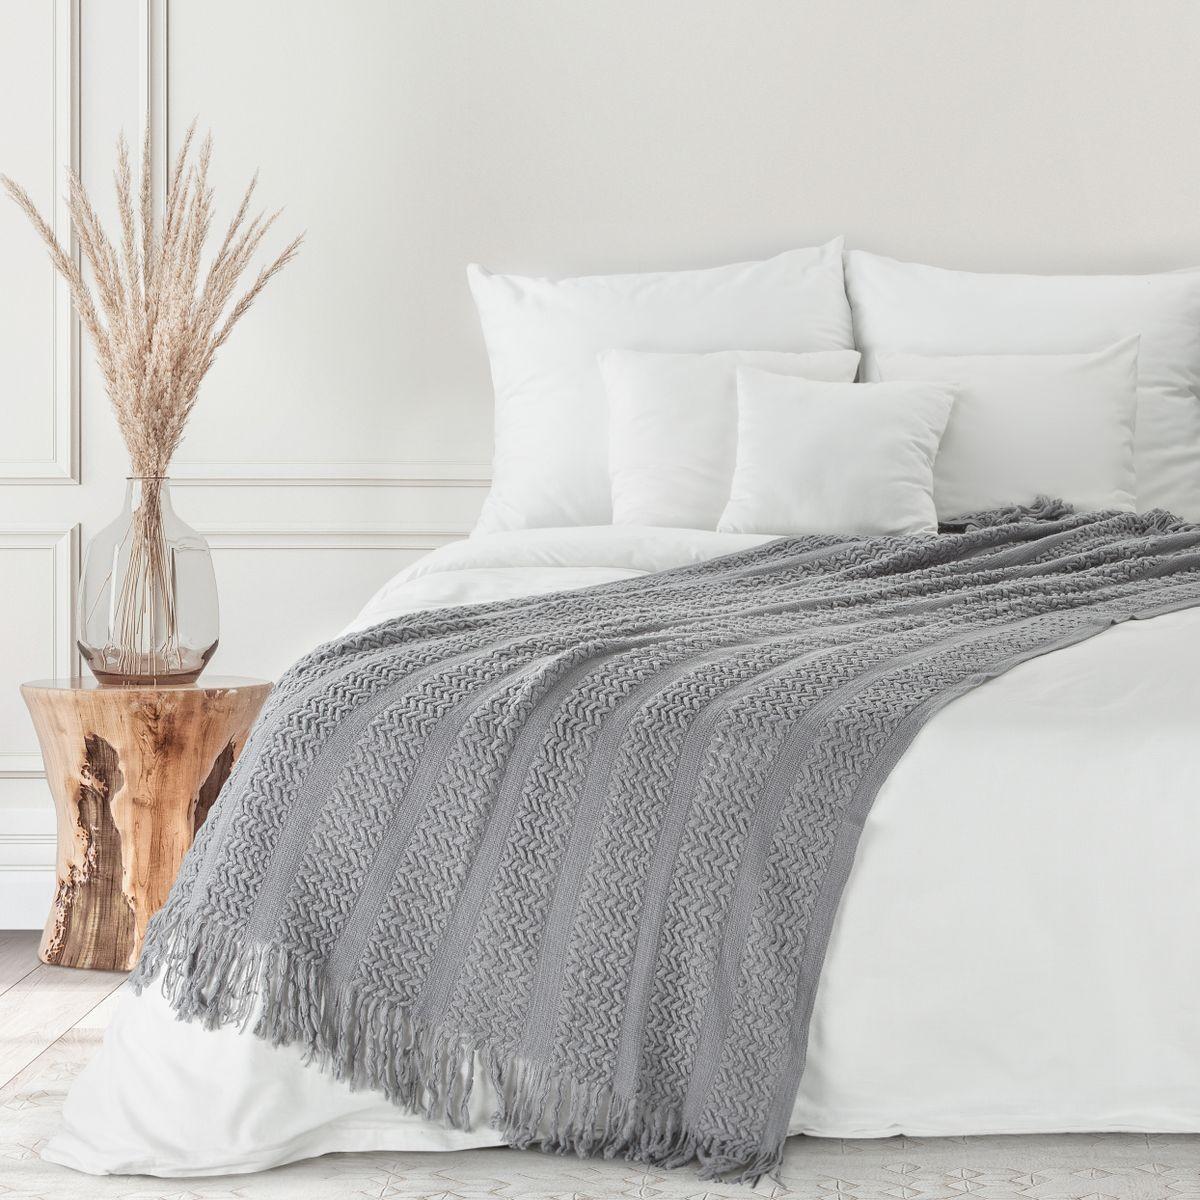 Moderná sivá tkaná akrylová deka so strapcami 130 x 170 cm Šírka: 130 cm   Dĺžka: 170 cm